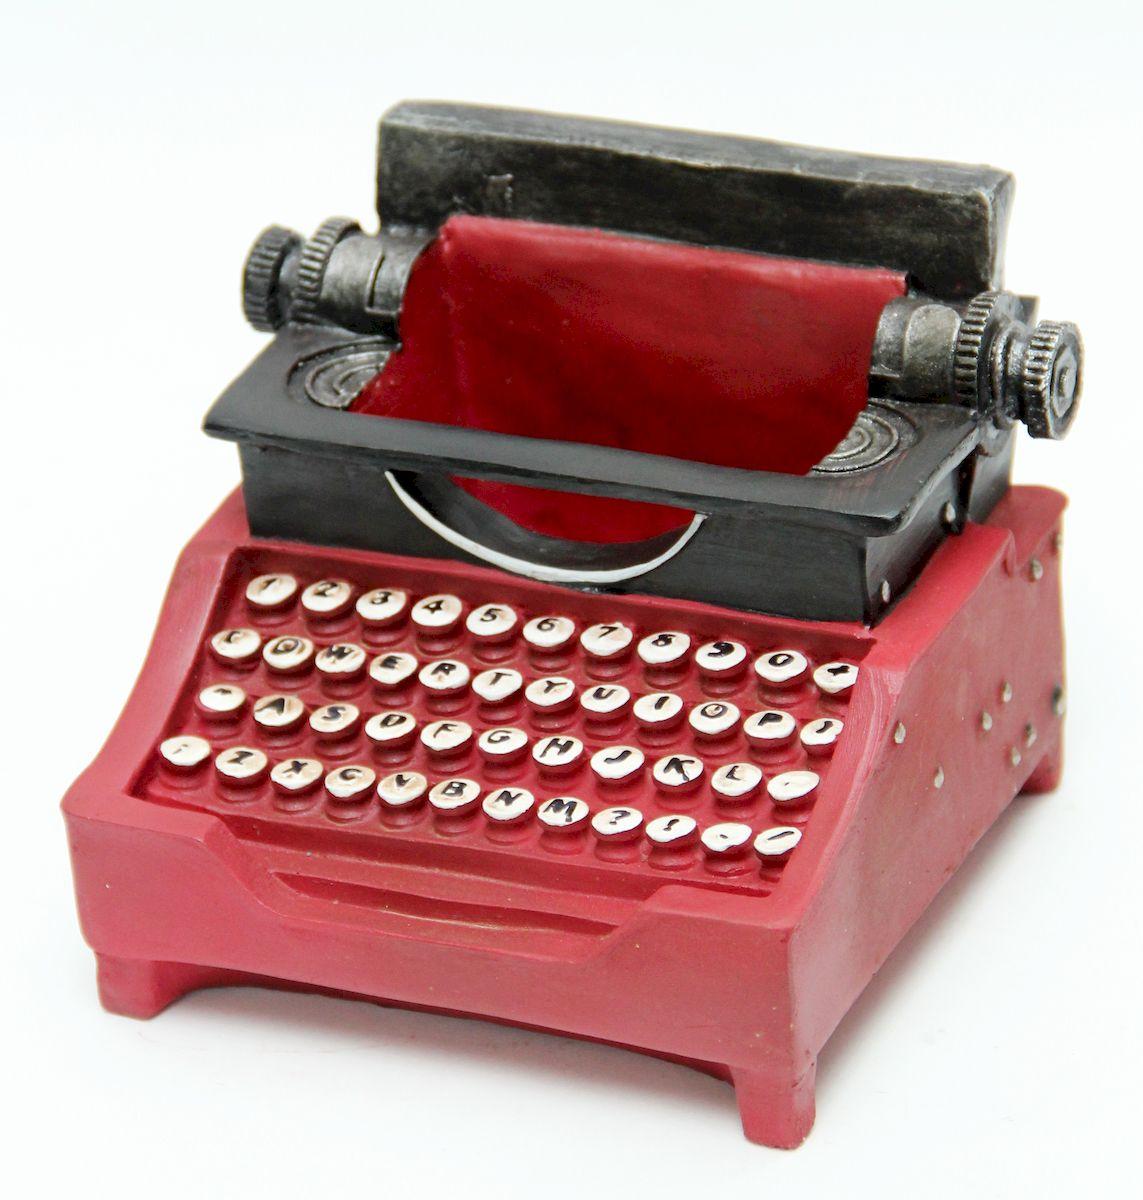 Подставка для канцелярских принадлежностей Magic Home Ретро печатная машинка. 3612836128Оригинально выполненная подставка из прочного полирезина сохранит ваши канцелярские принадлежности, и они всегда будут под рукой. Благодаря эксклюзивному дизайну, подставка оформит ваш рабочий стол, а также станет практичным сувениром для друзей и коллег.